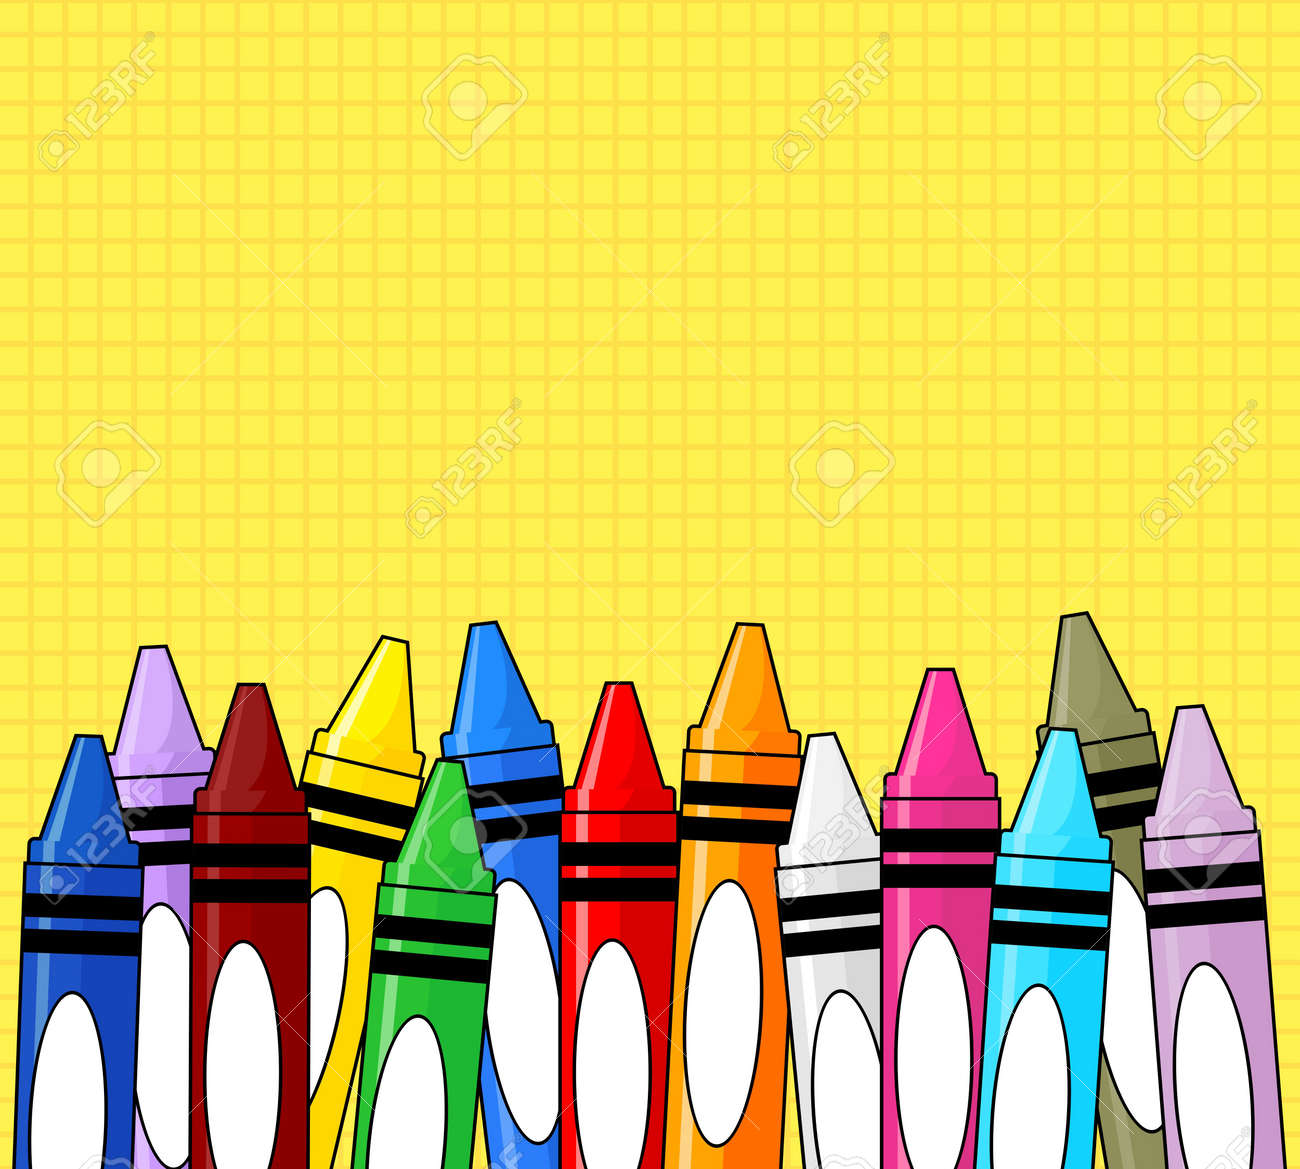 Varios Lápices De Colores Marco De Cuadrícula De Fondo Amarillo ...